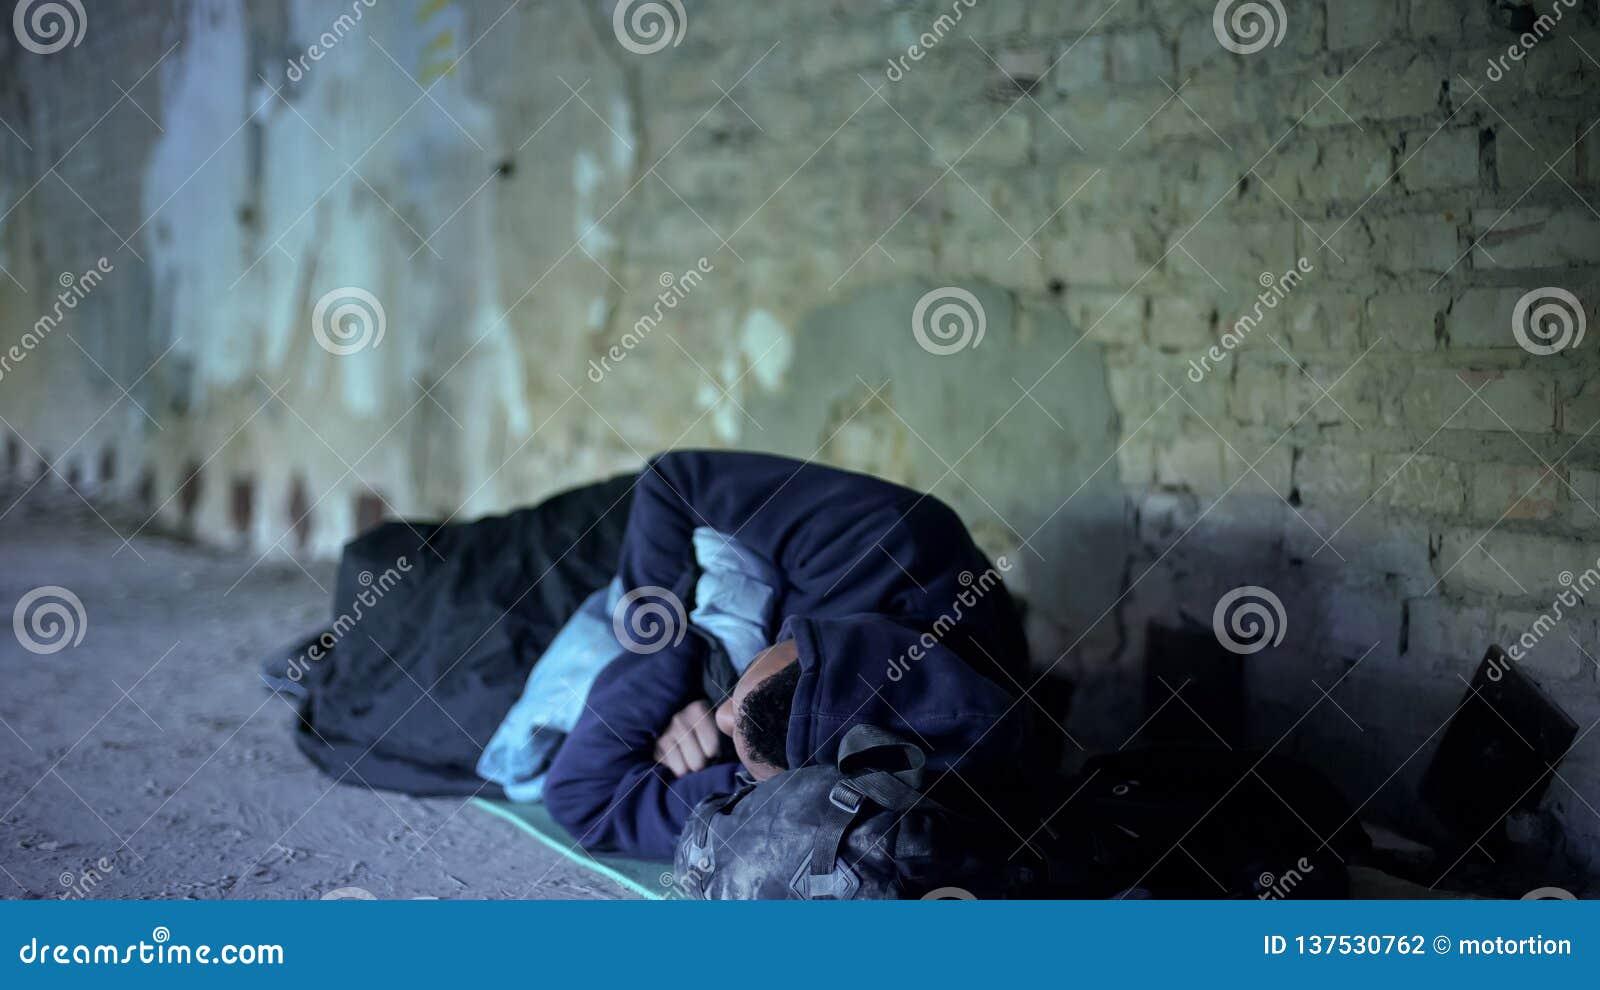 Adolescente sin hogar que duerme en la calle, pobreza, sociedad egoísta indiferente